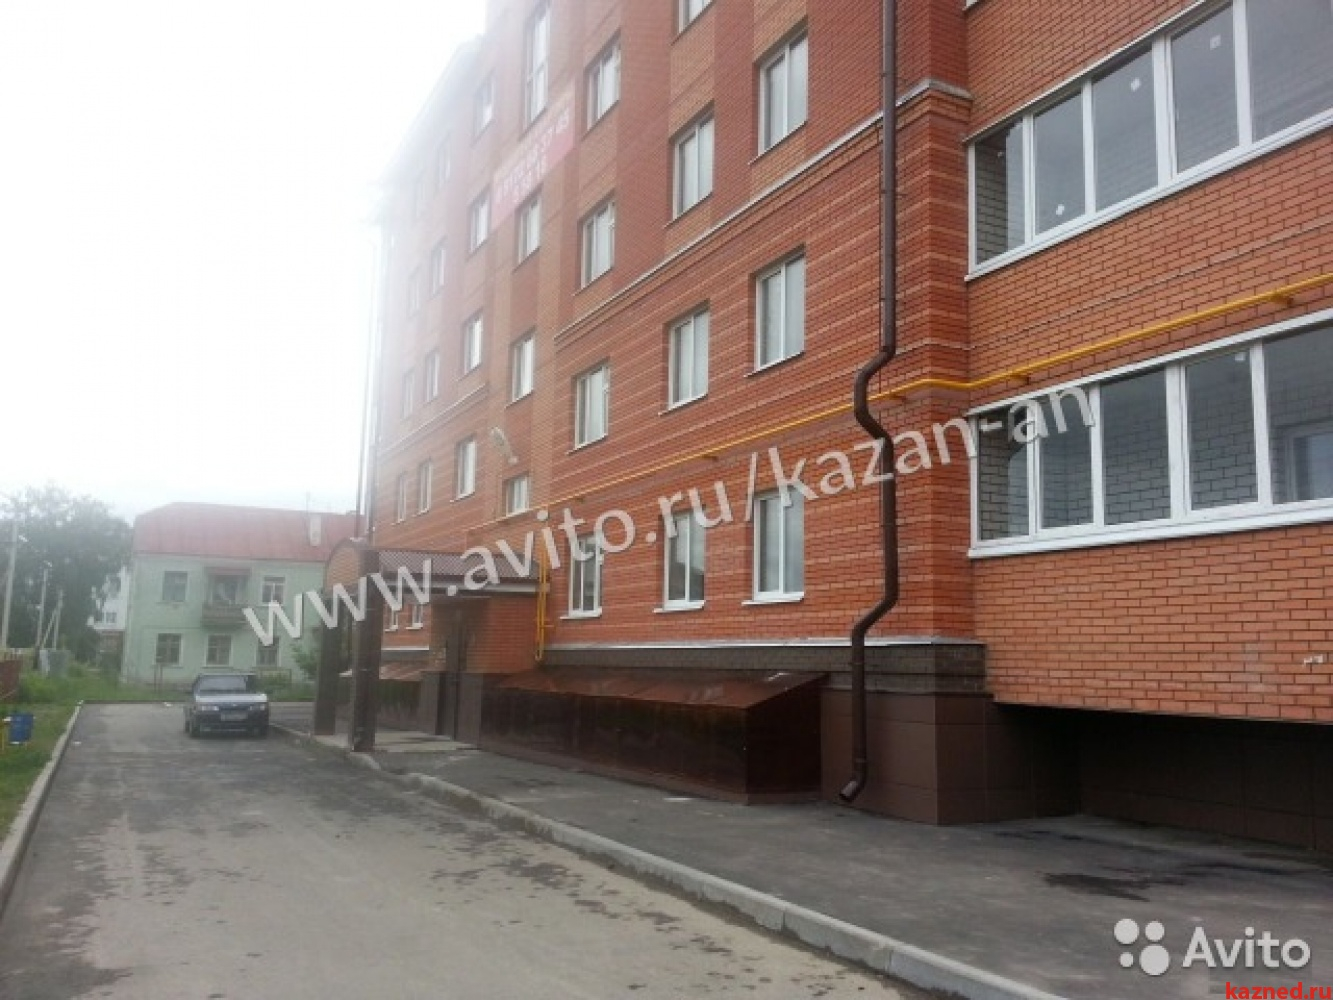 Продажа 2-к квартиры Комсомольская, д. 26, 74 м2  (миниатюра №2)